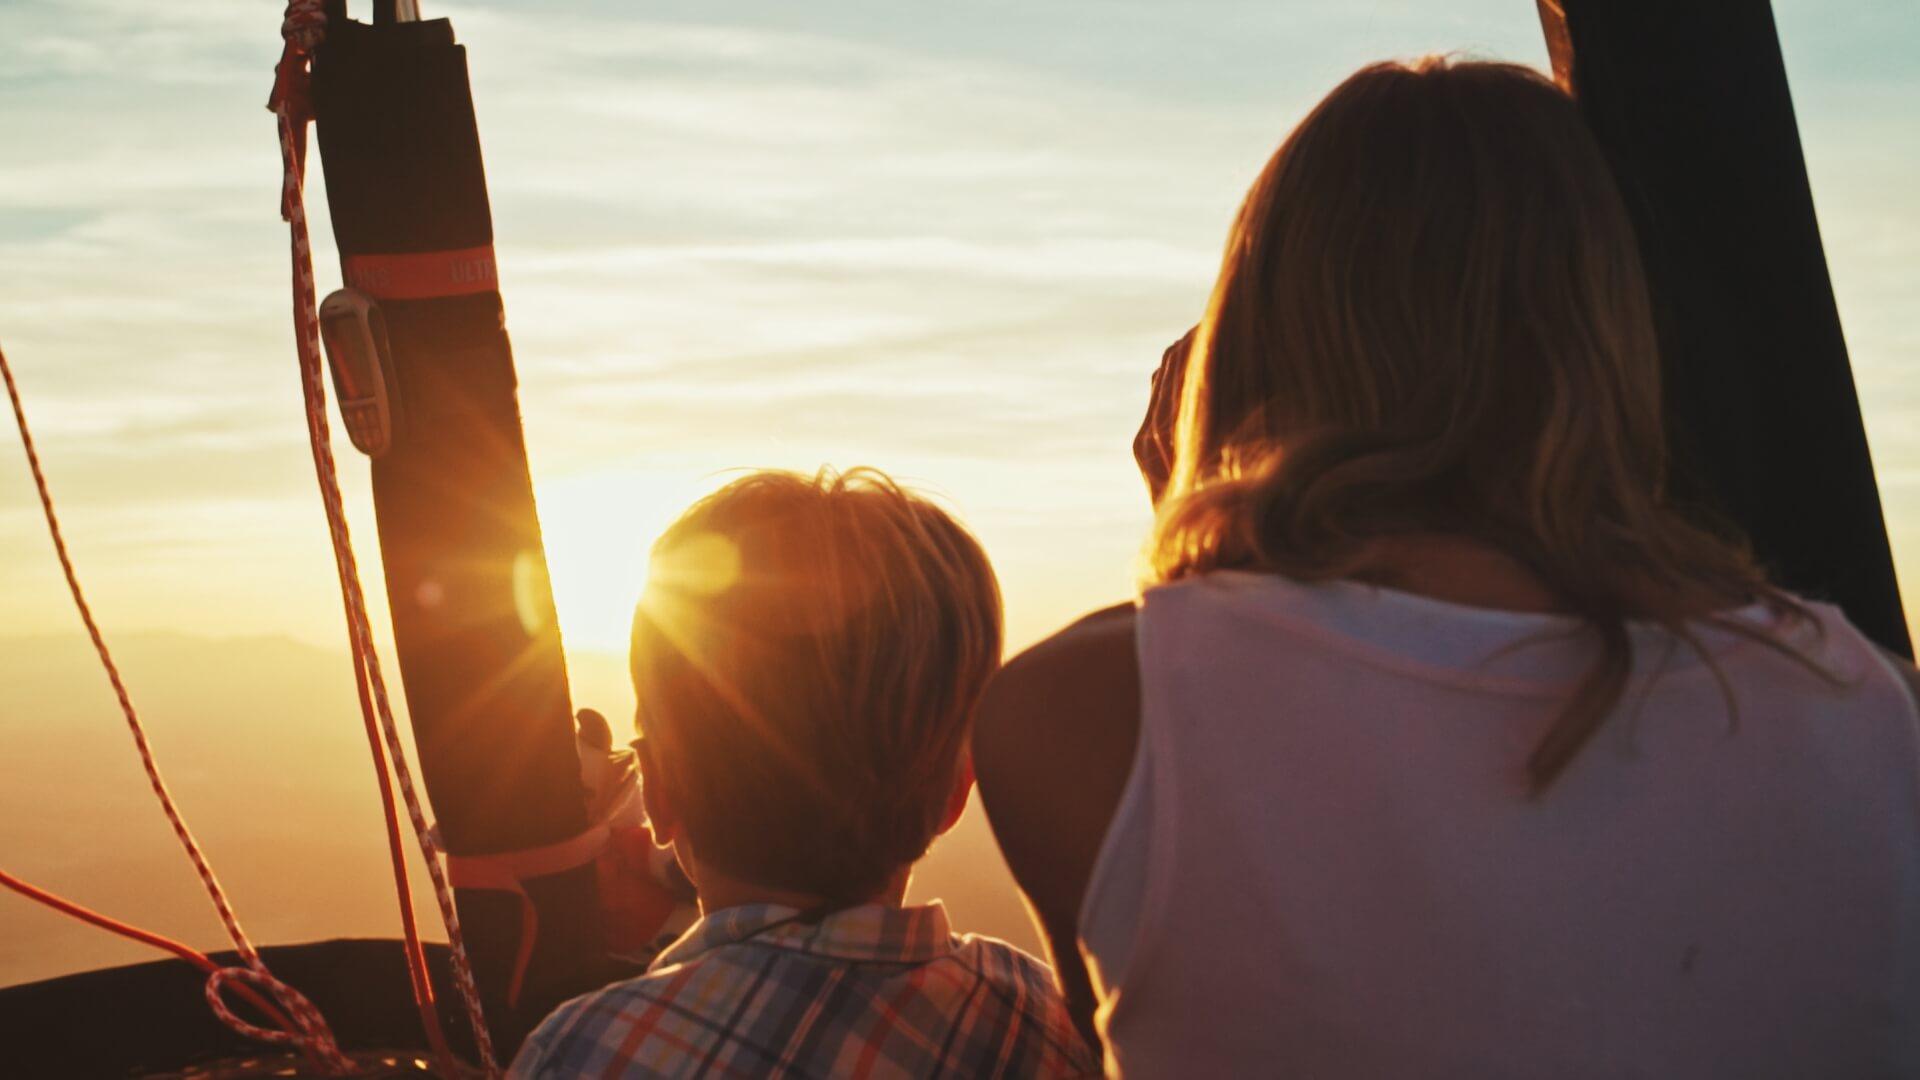 Filmproduktion für Migros Mania - 2 Kinder im Heissluftballon fahren in den Sonnenuntergang